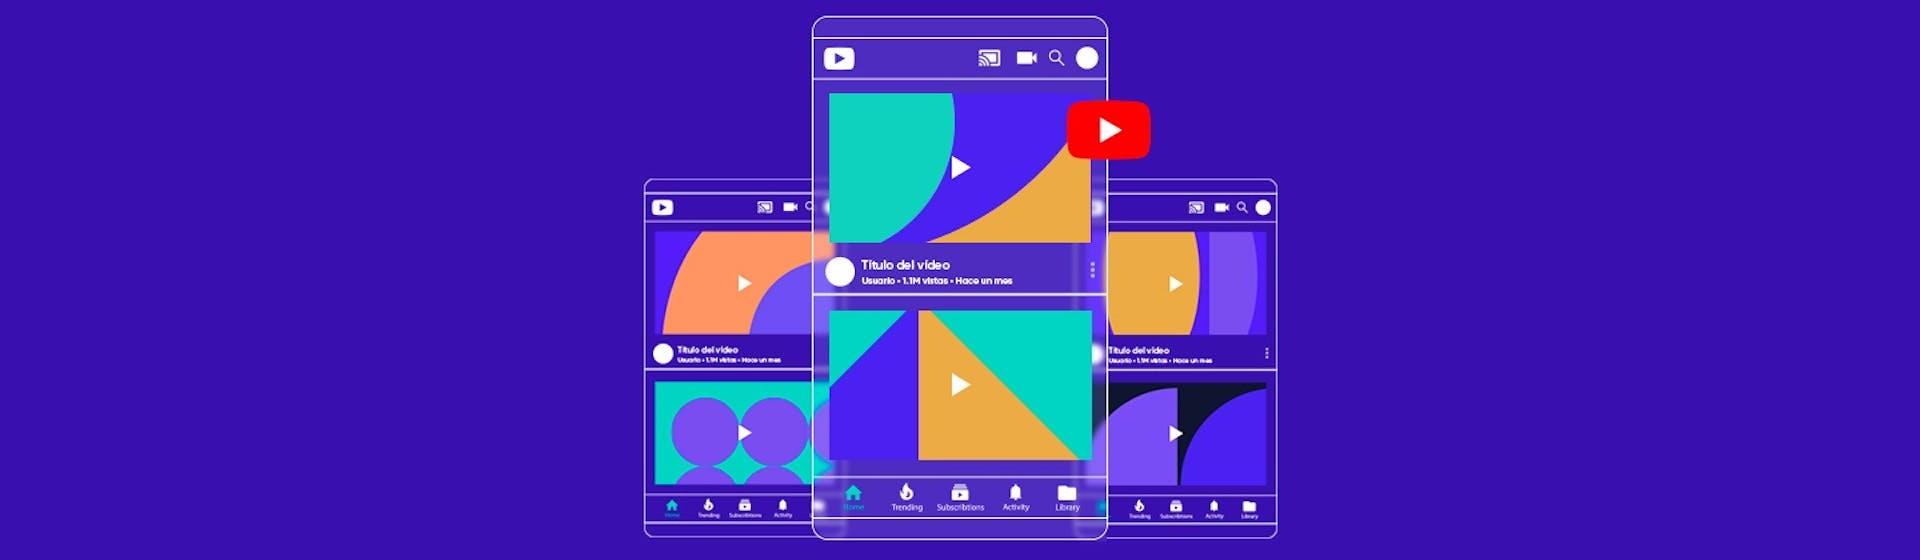 ¿Cómo hacer miniaturas para YouTube? ¡Atrapa suscriptores a primera vista!